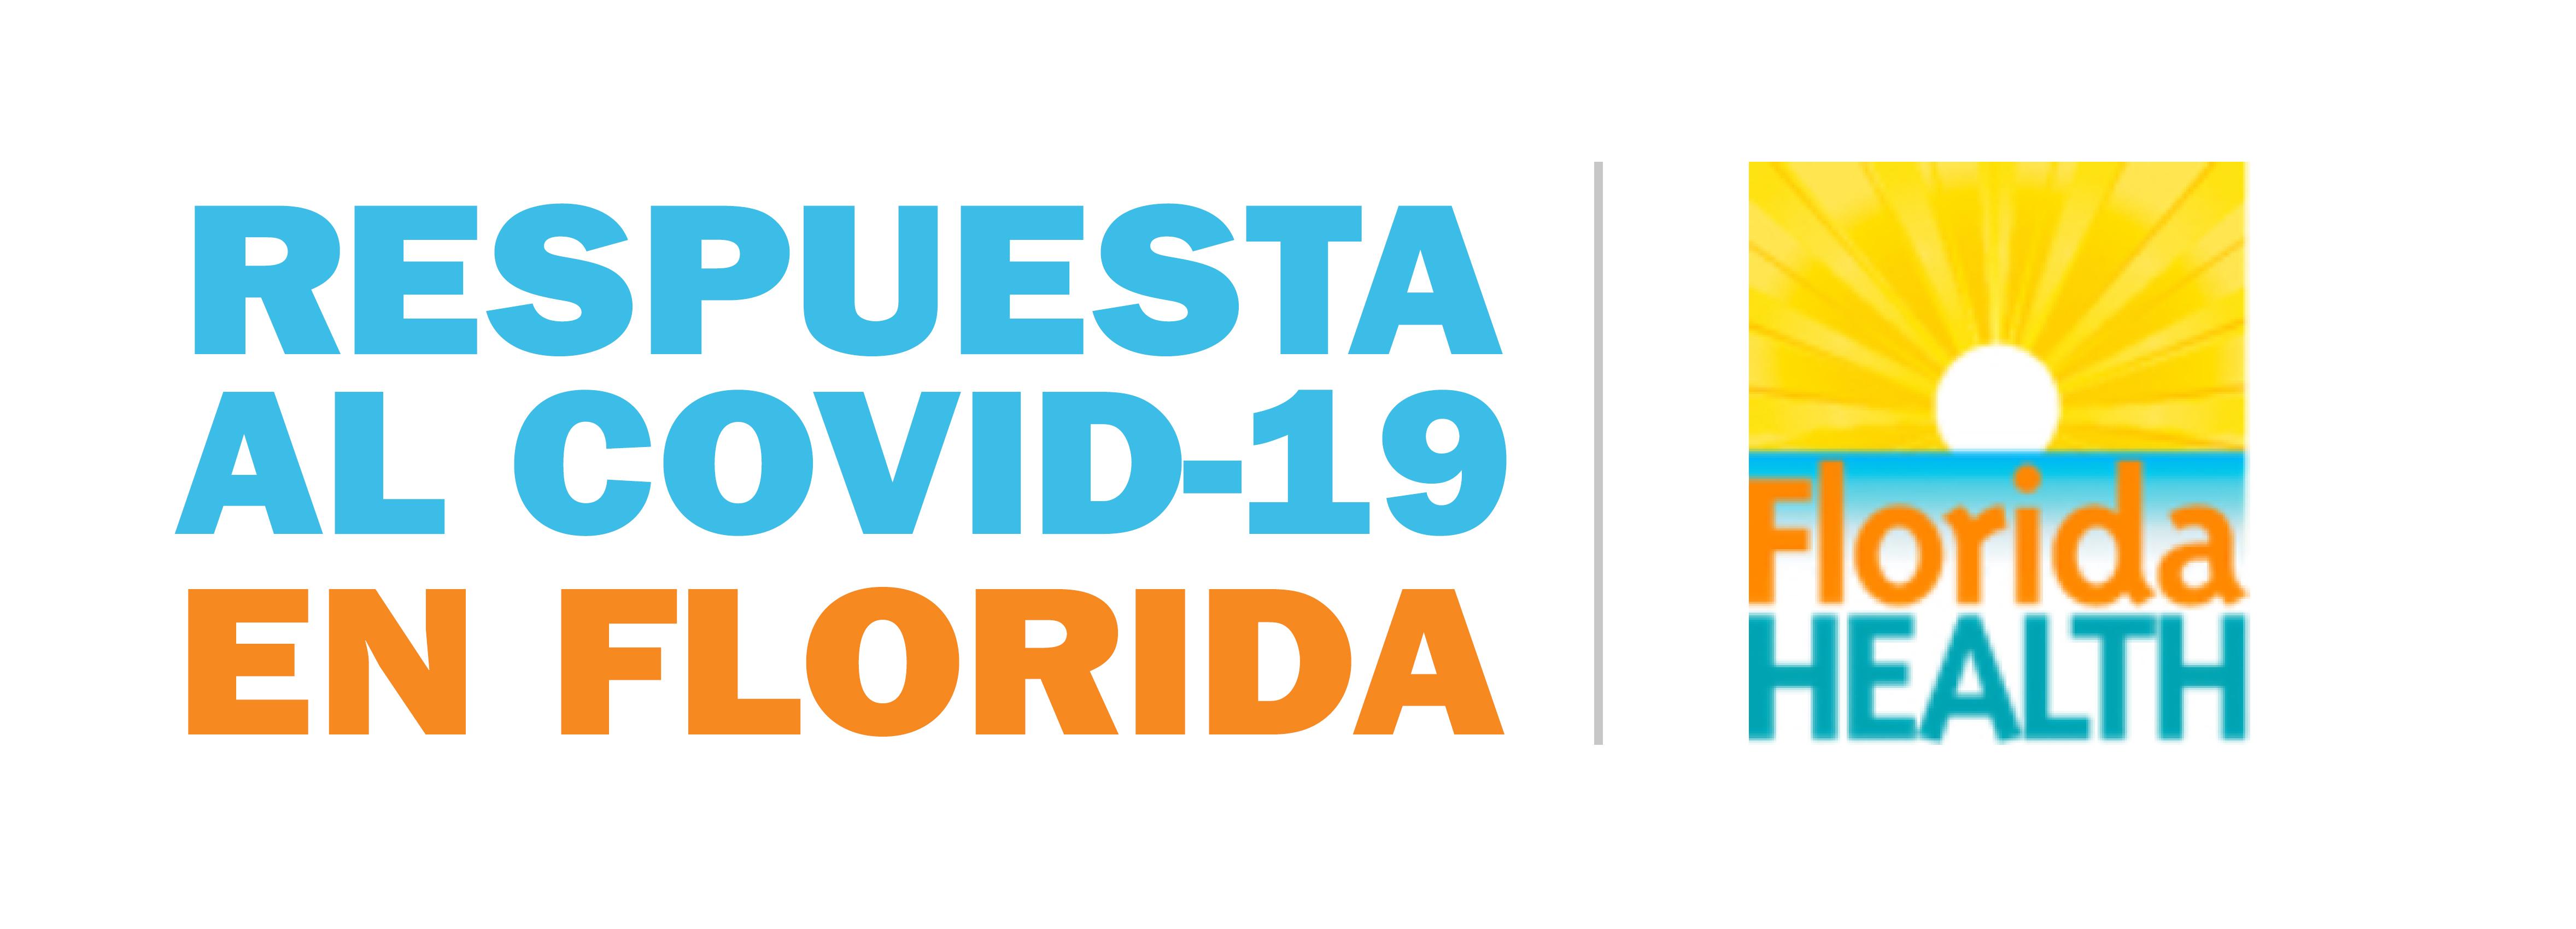 Logo delDepartamento de Salud de la Florida: Respuesta a COVID-19